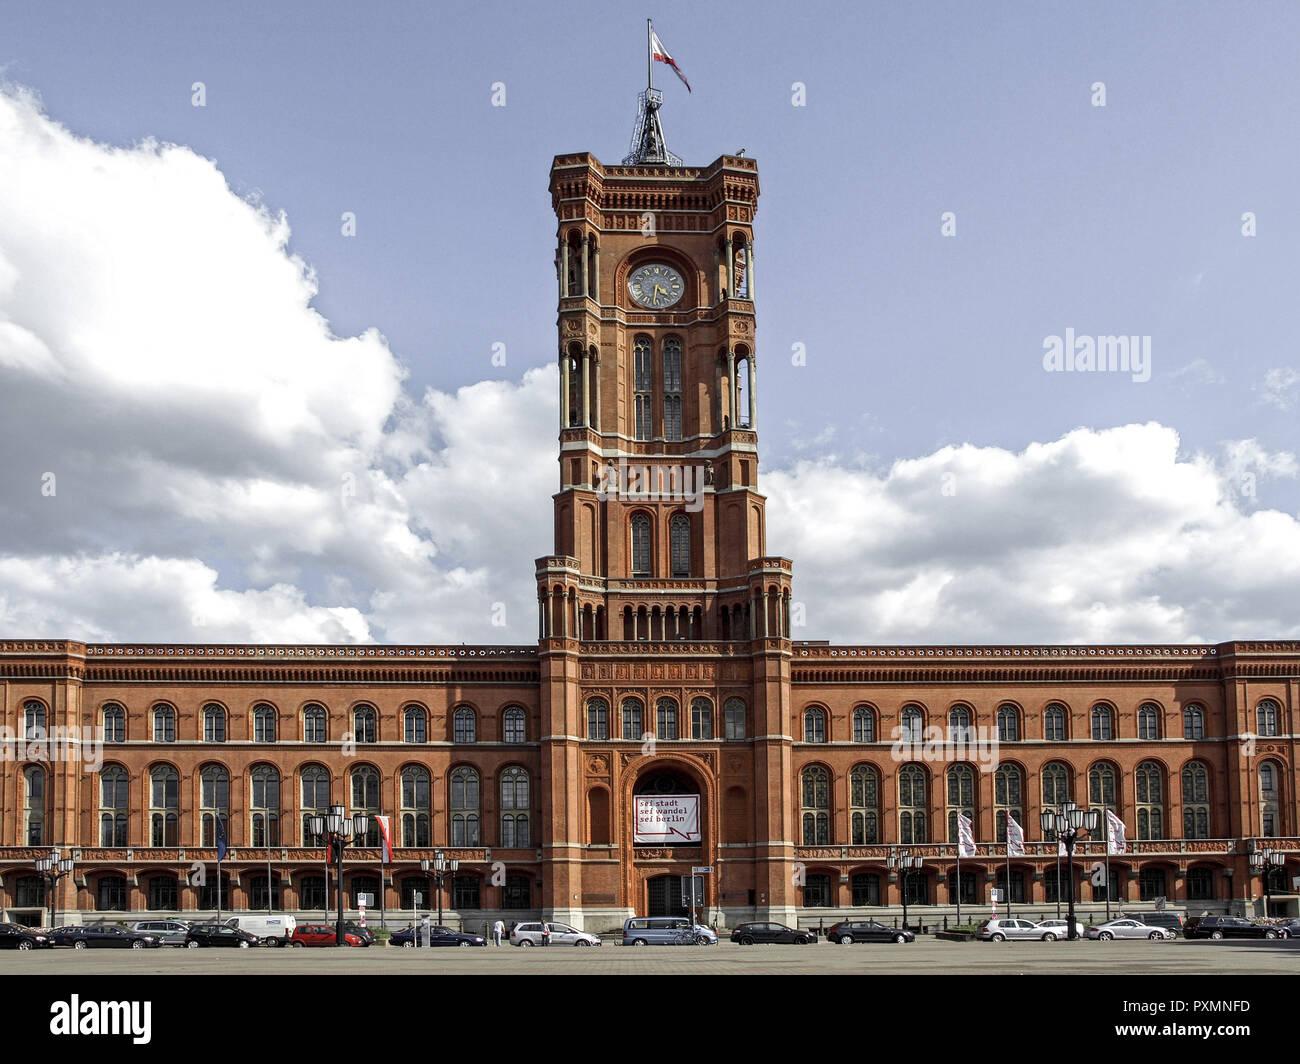 Deutschland, Berlin, Europa, Hauptstadt, Stadt, Sehenswuerdigkeit, das rote Rathaus, Architektur, Bauwerk, Bundeshauptstadt, Fernsehturm, Gebaeude, Mi - Stock Image